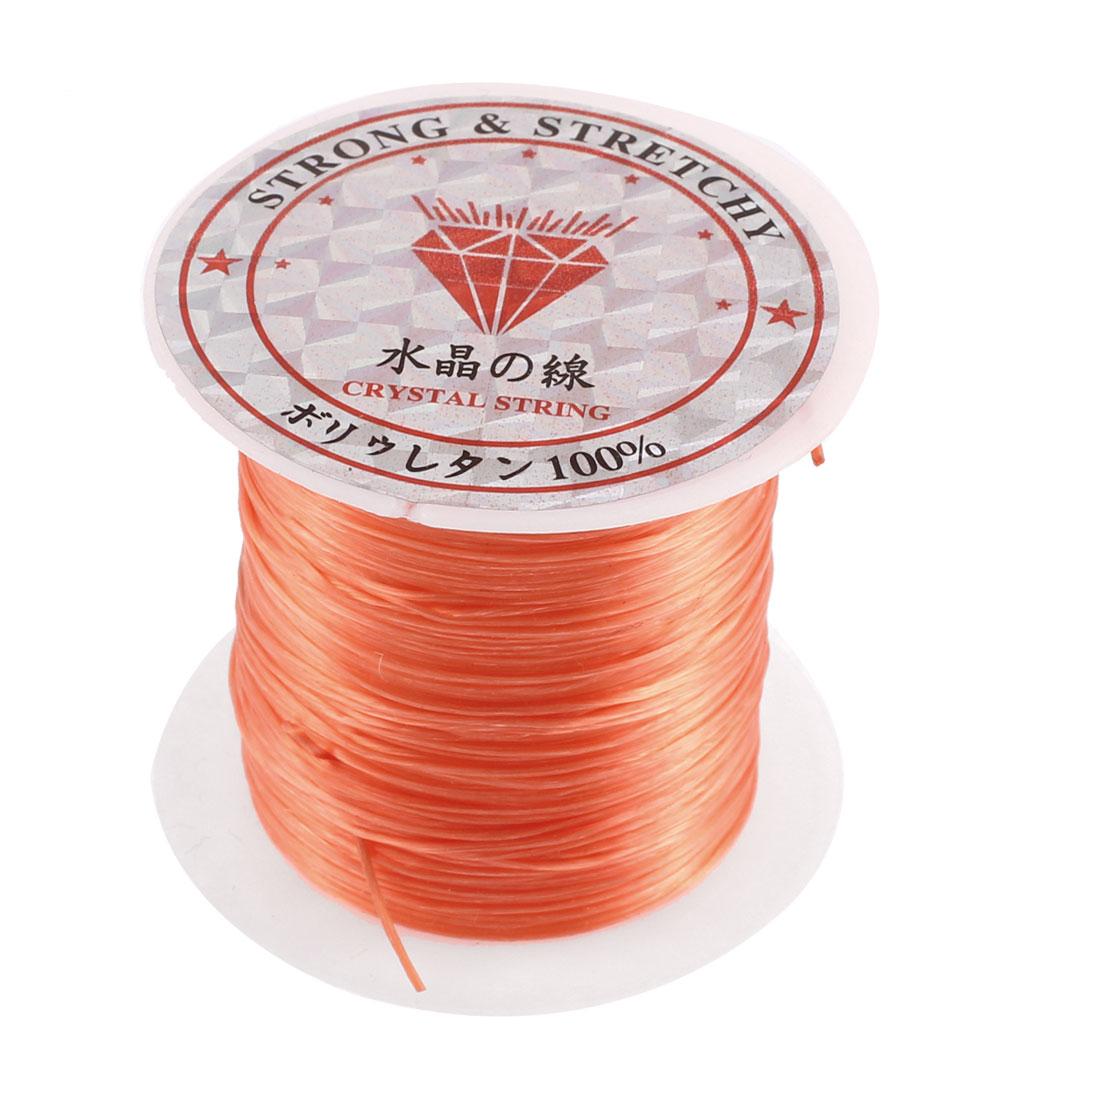 Elastic Bracelet Making String Beading Thread Cord Roll Orange 10M Length